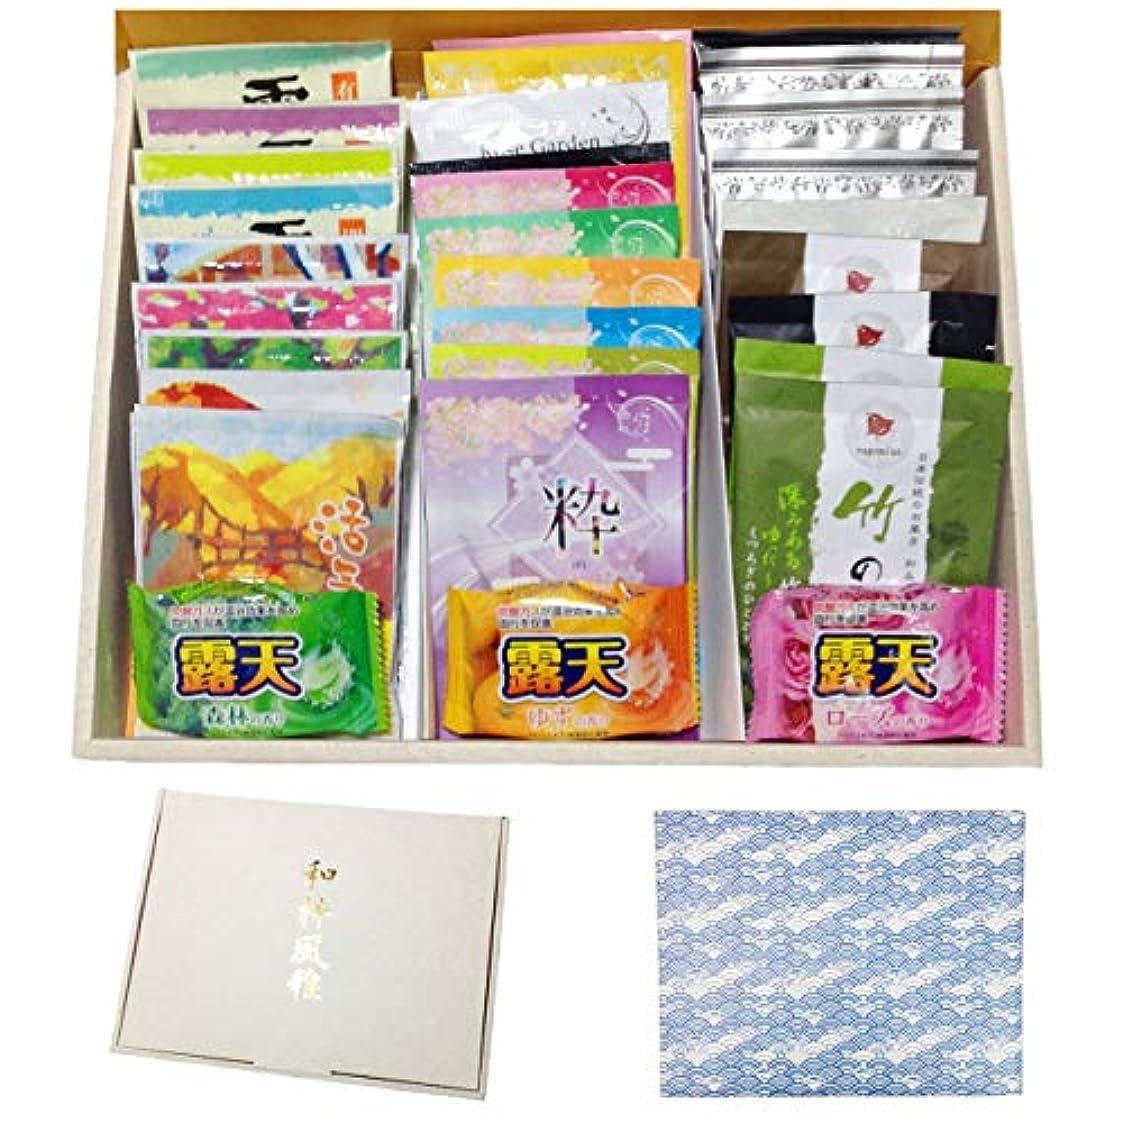 頬かけるできた入浴剤 ギフト セット 日本製 温泉 炭酸 つめあわせ バスギフト プレゼント 30種類/50種類 (30個30種類)